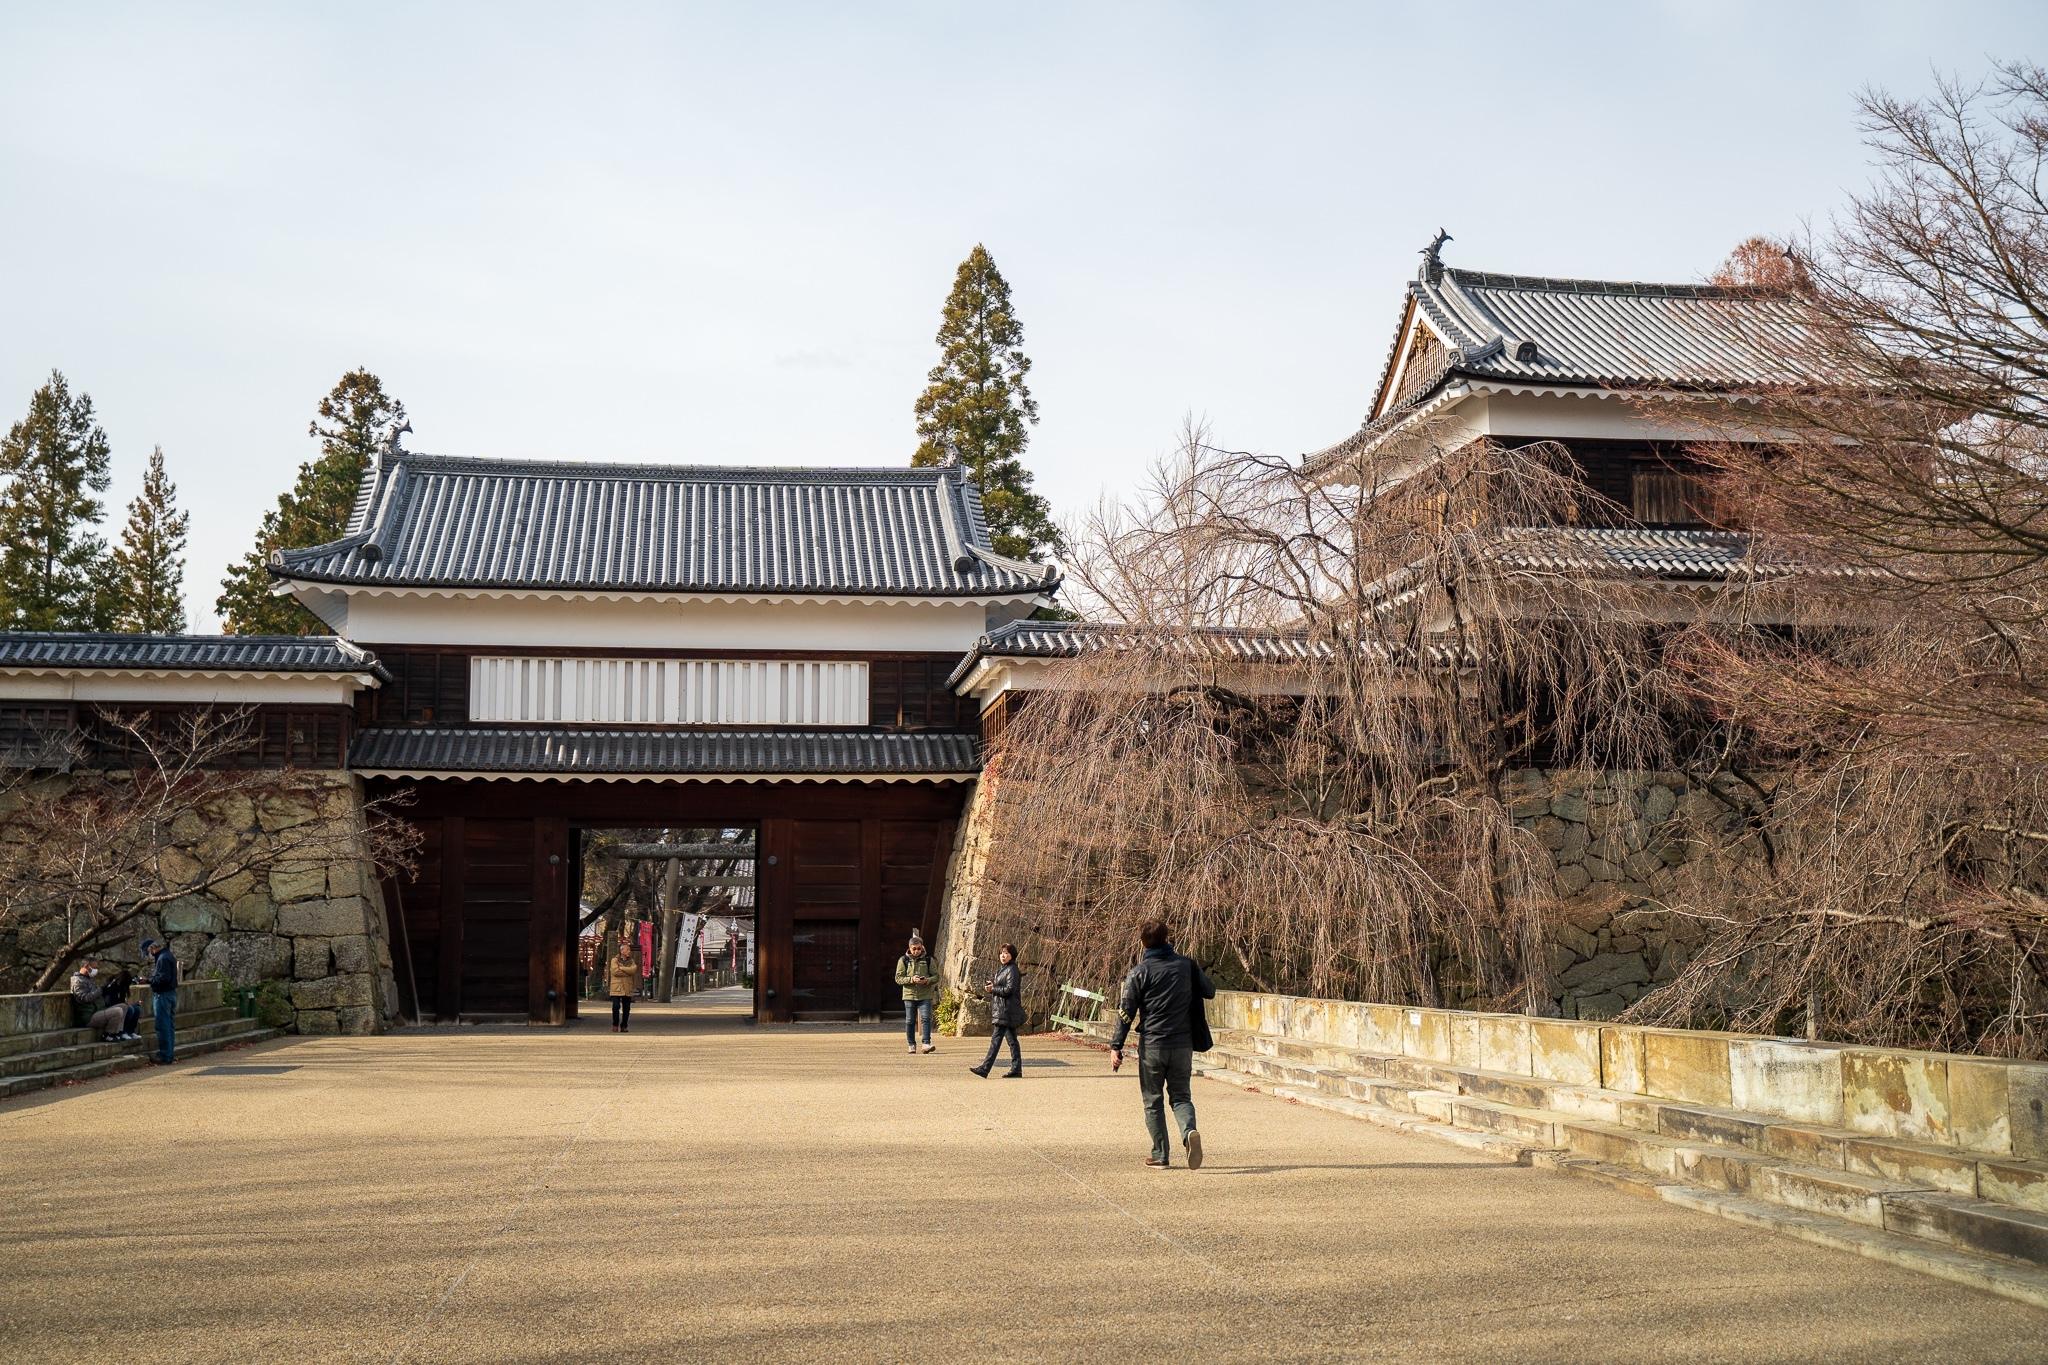 平成6年(1994)には東虎口櫓門が復元されました。